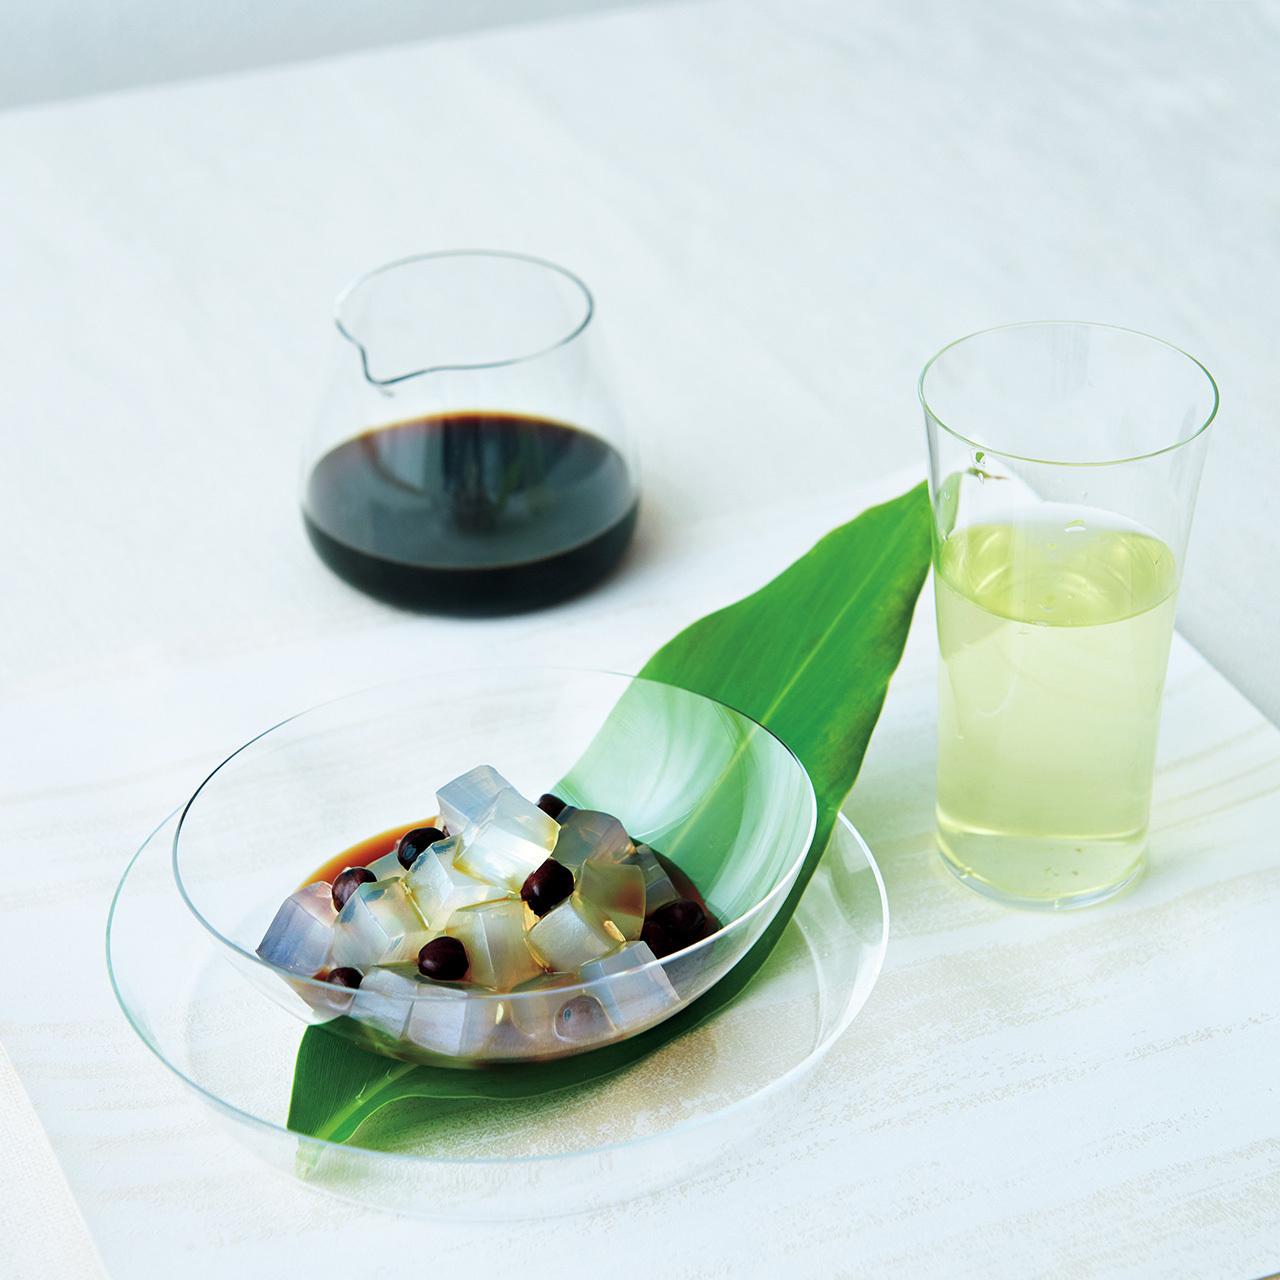 和菓子とTeaで、午後のおもてなし 五選_1_1-1